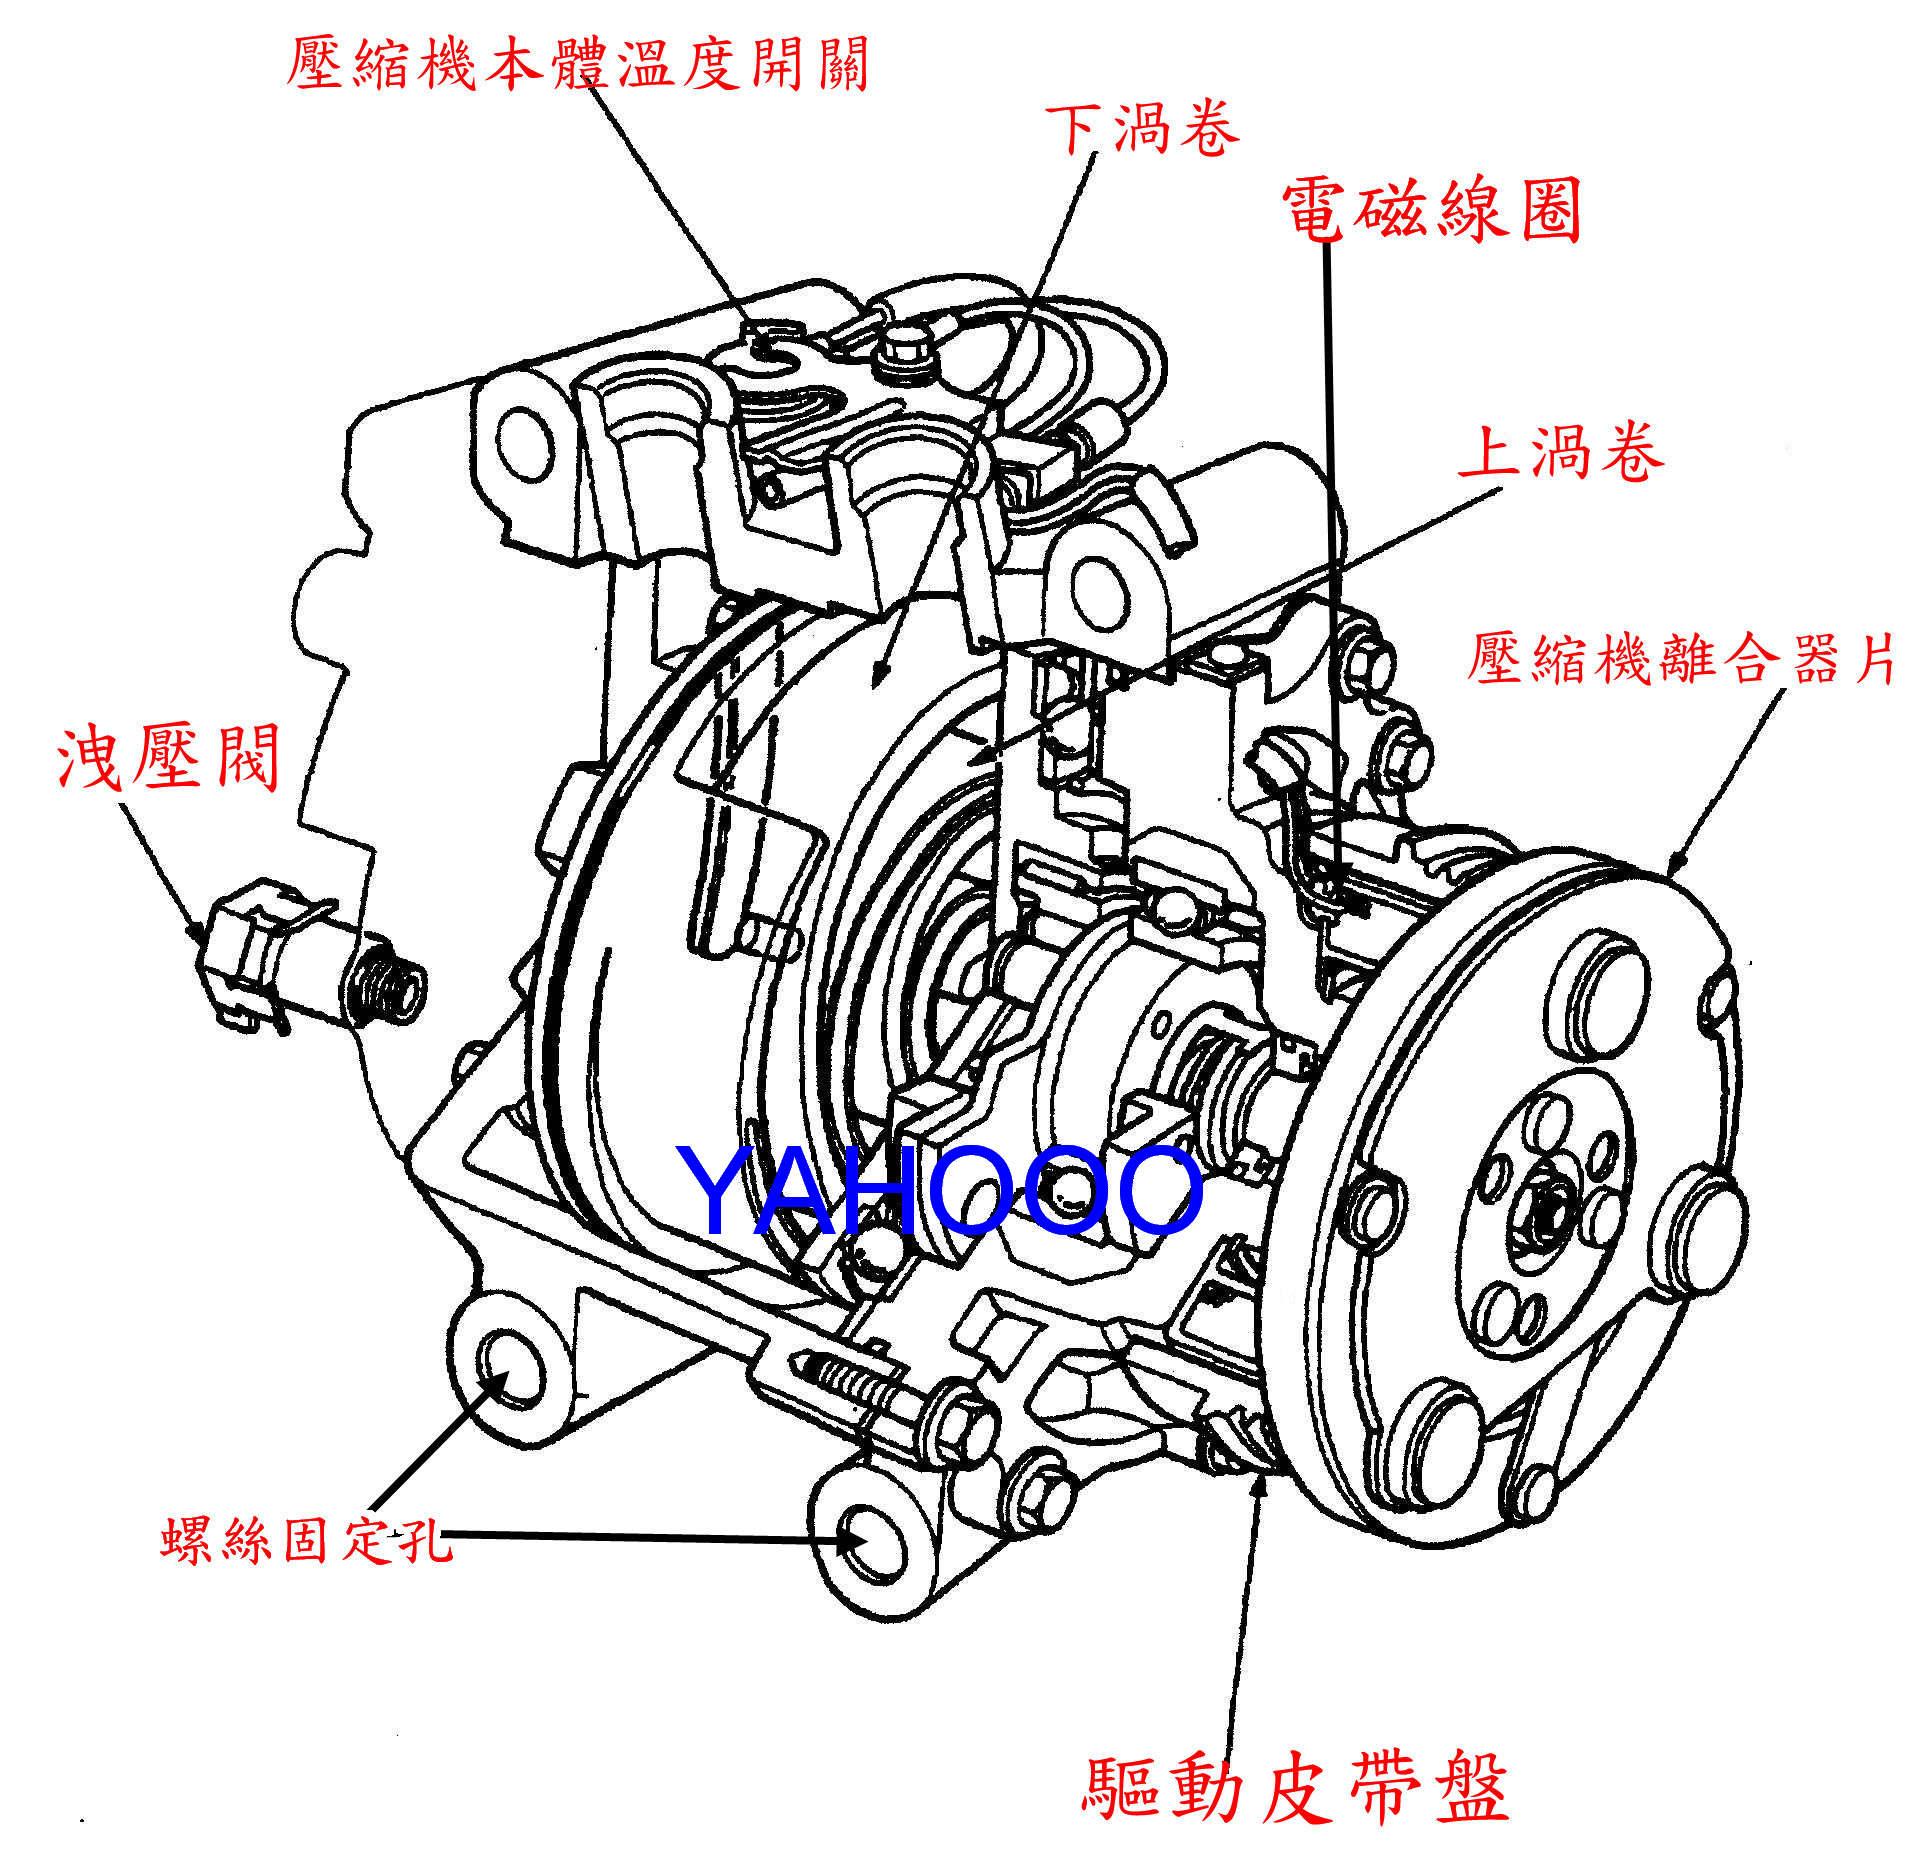 【離合器·壓縮機】壓縮機離合器 – TouPeenSeen部落格